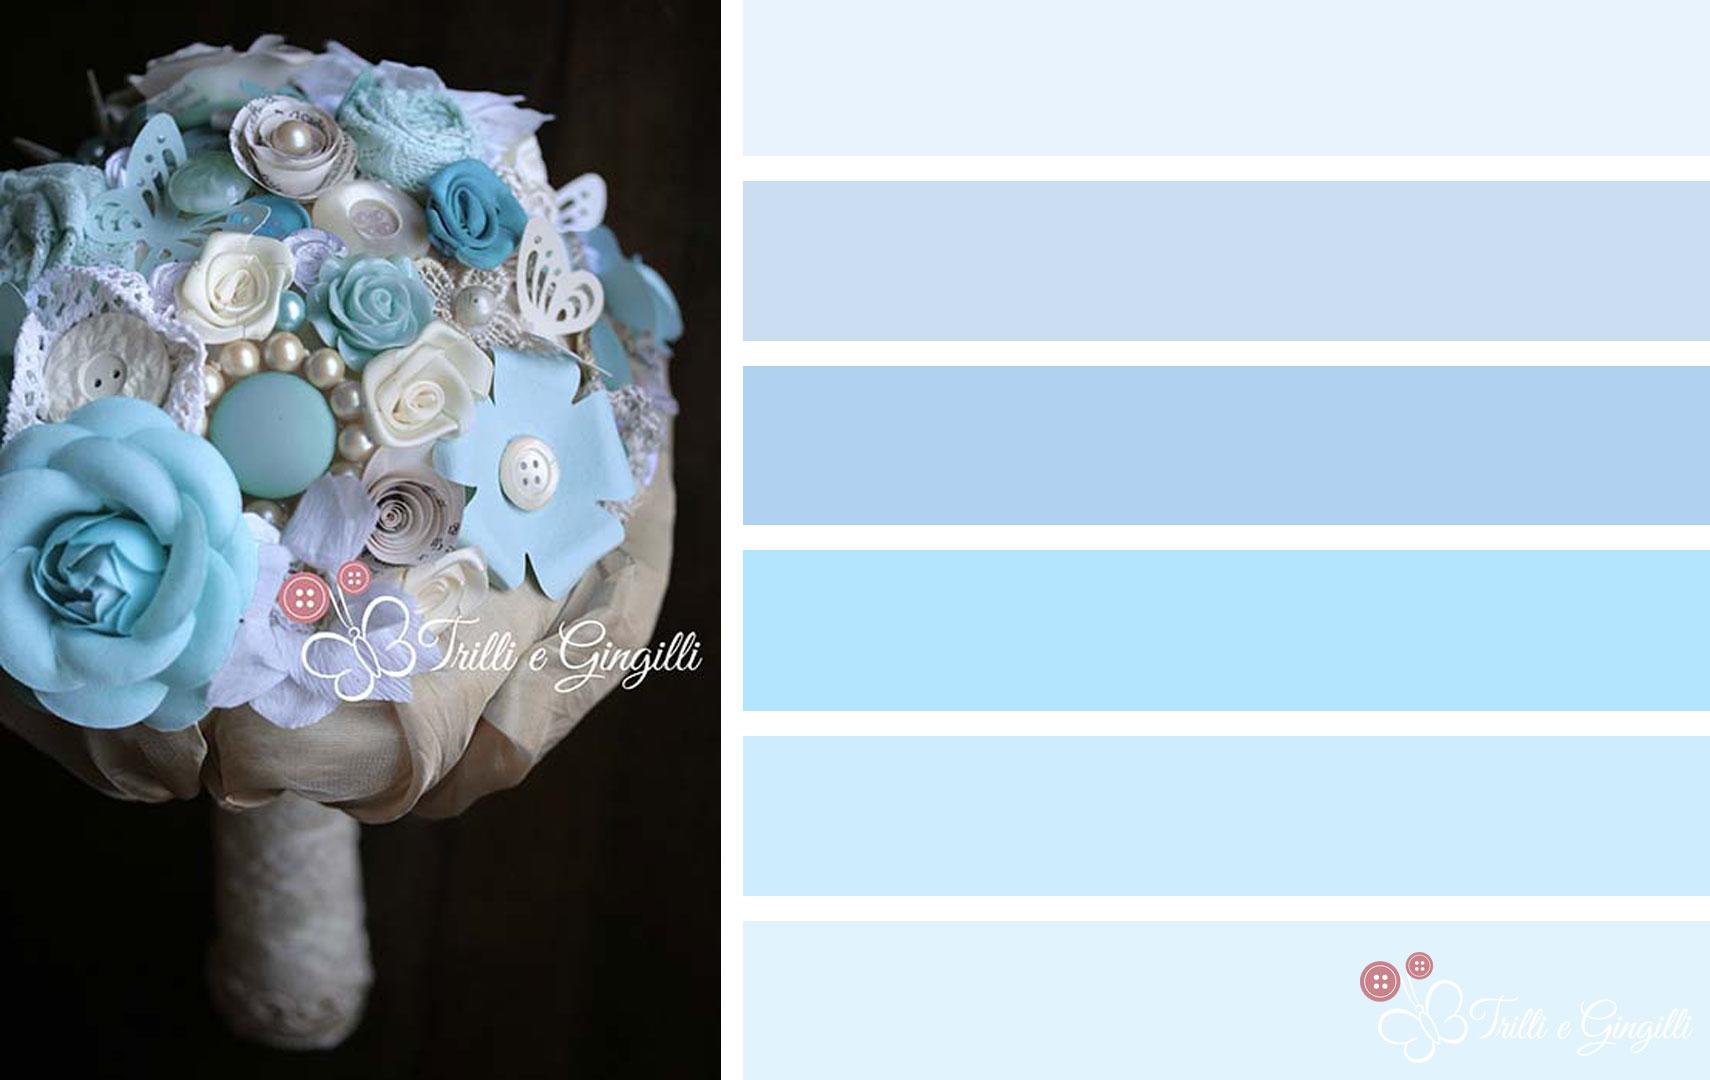 Matrimonio Colore Azzurro : Bouquet sposa serenity idee e spunti per usare il colore